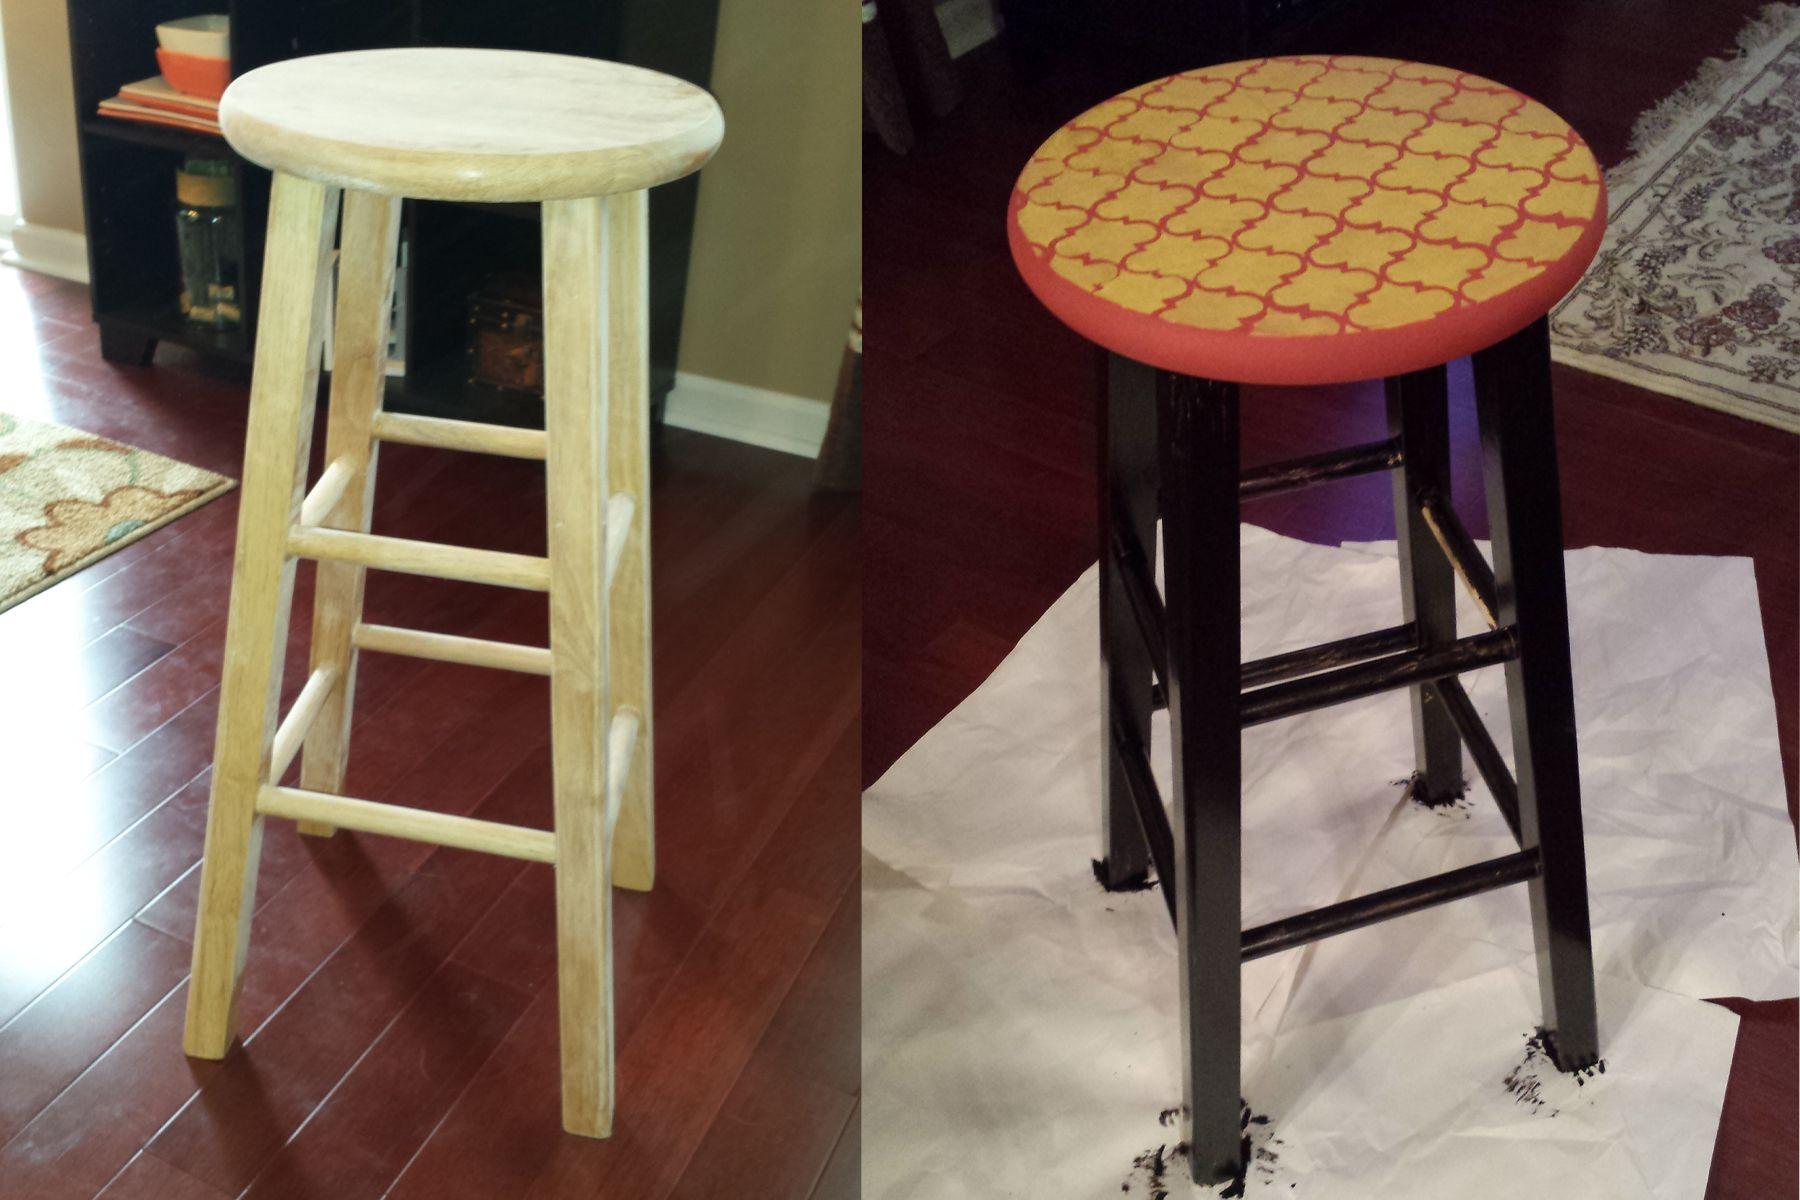 $15 bar stool gets a makeover